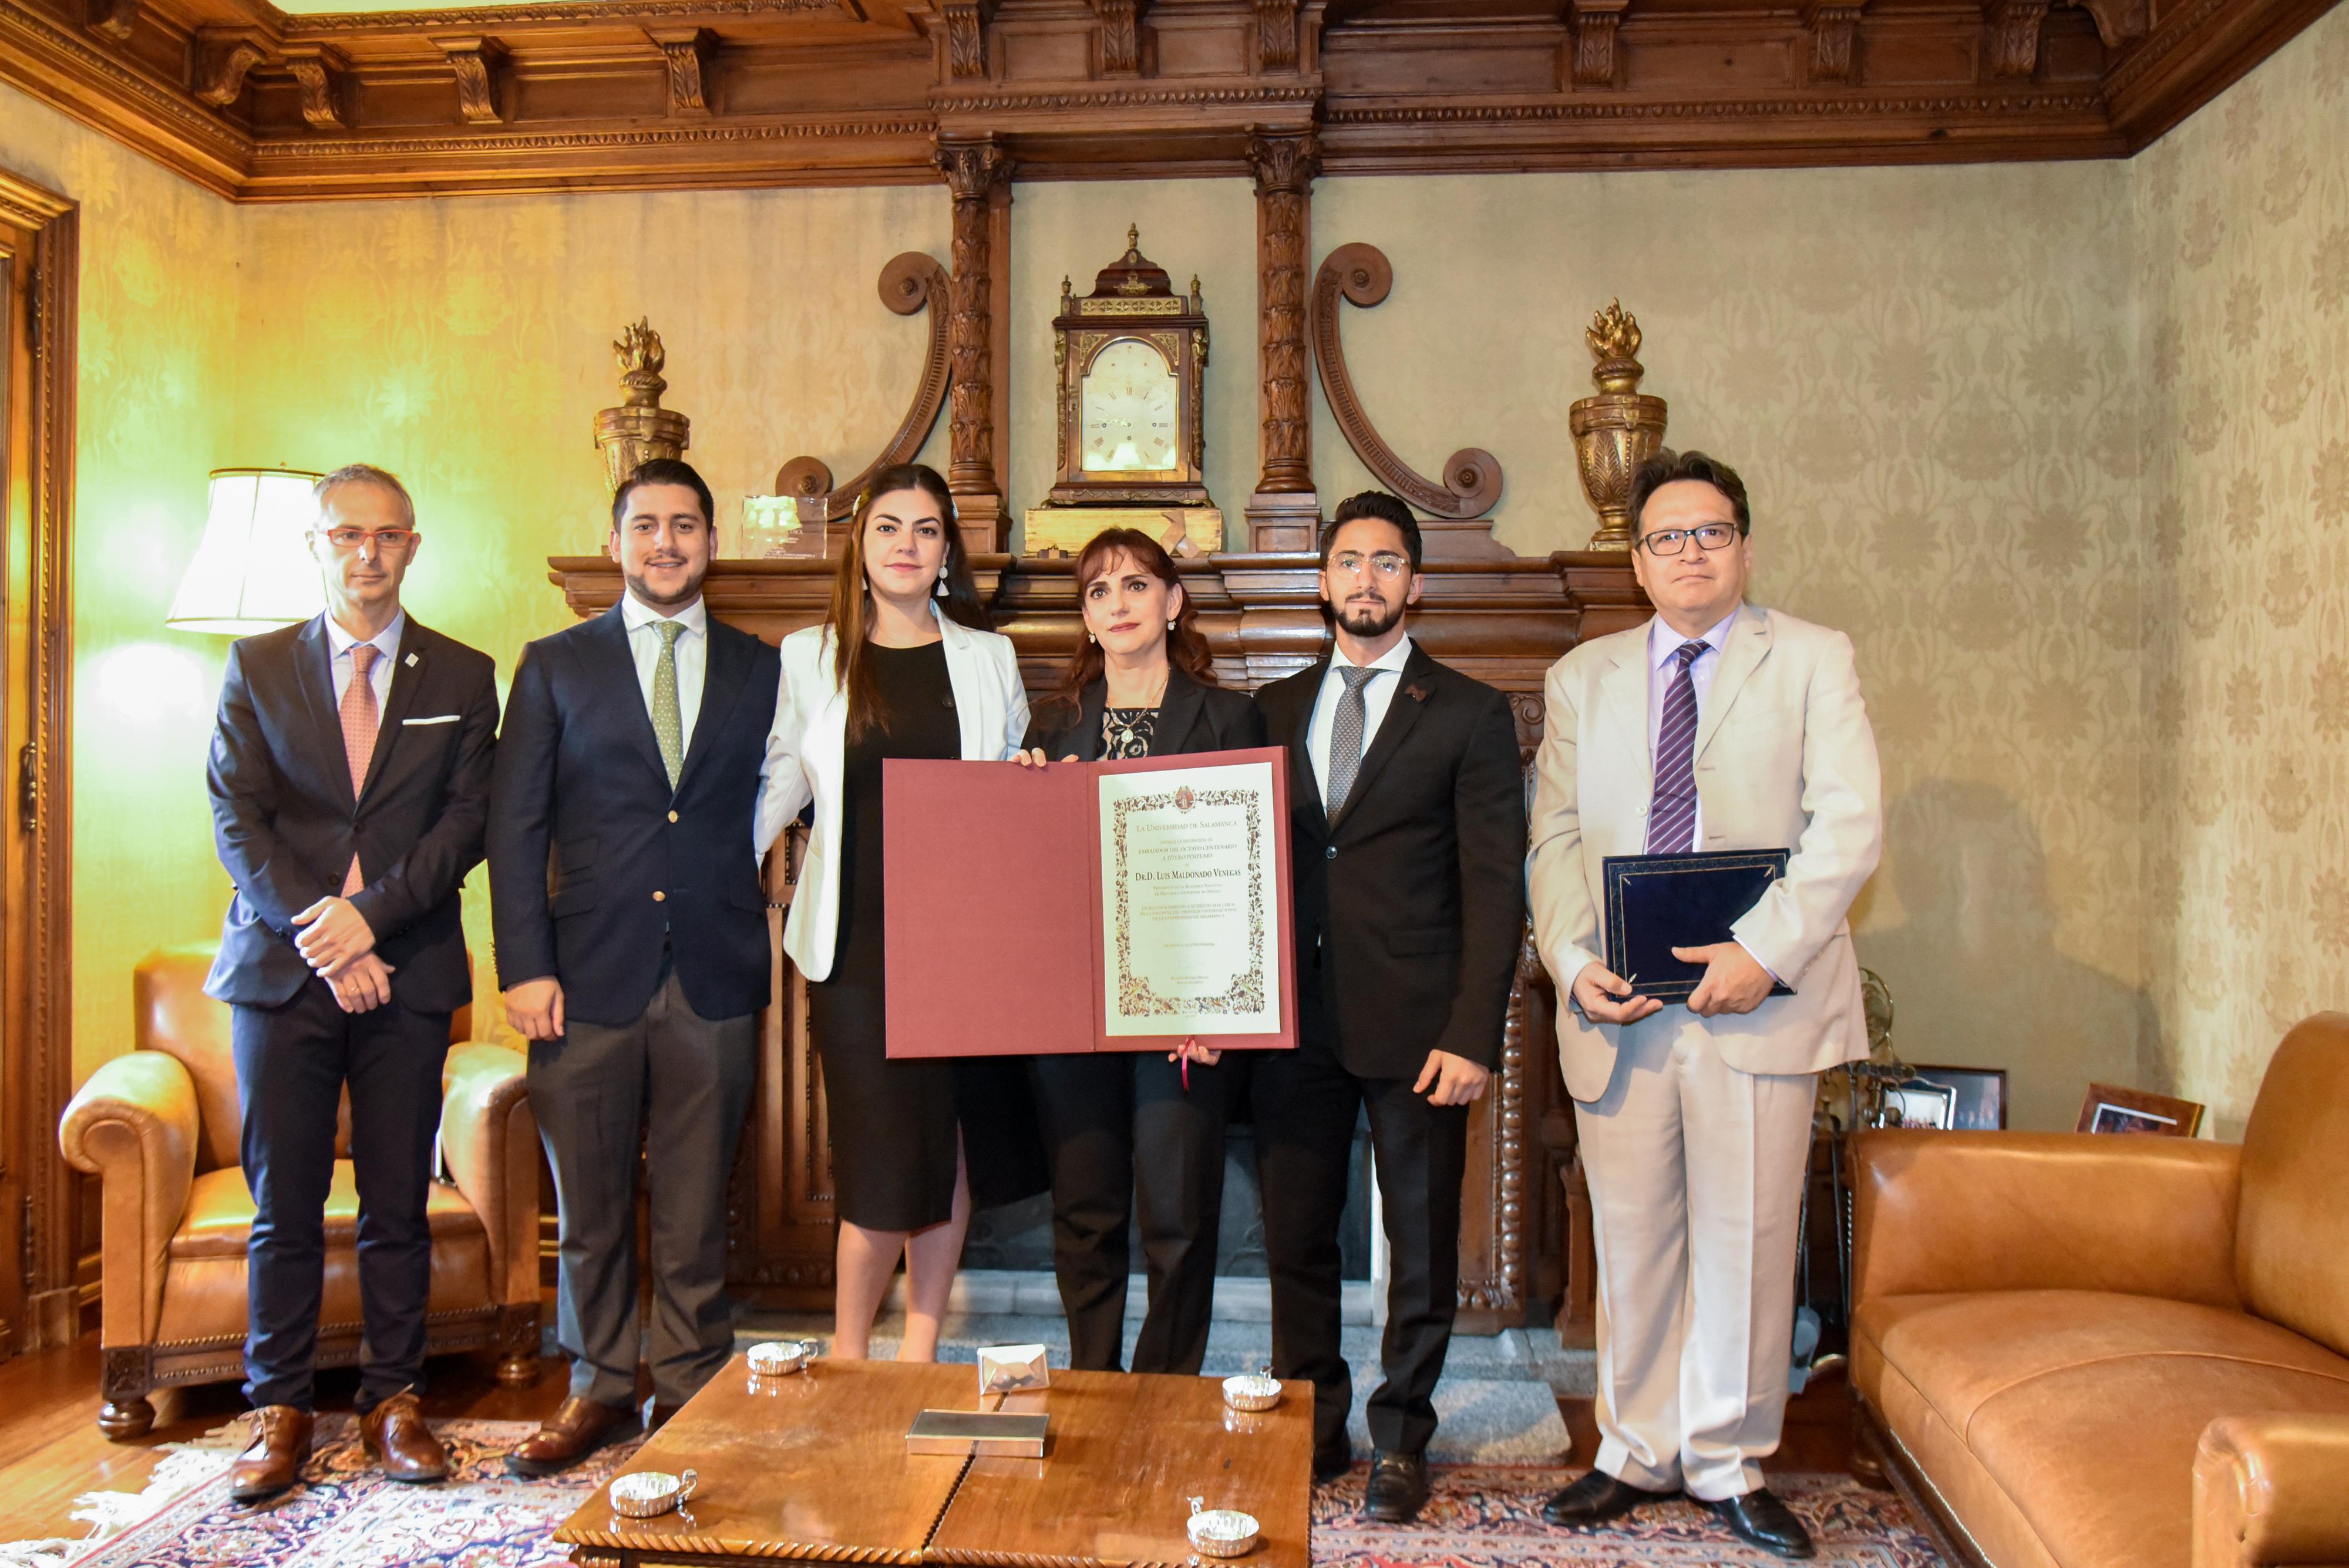 La Universidad de Salamanca otorga la distinción de Embajador del VIII Centenario a título póstumo al profesor mexicano Luis Maldonado Venegas